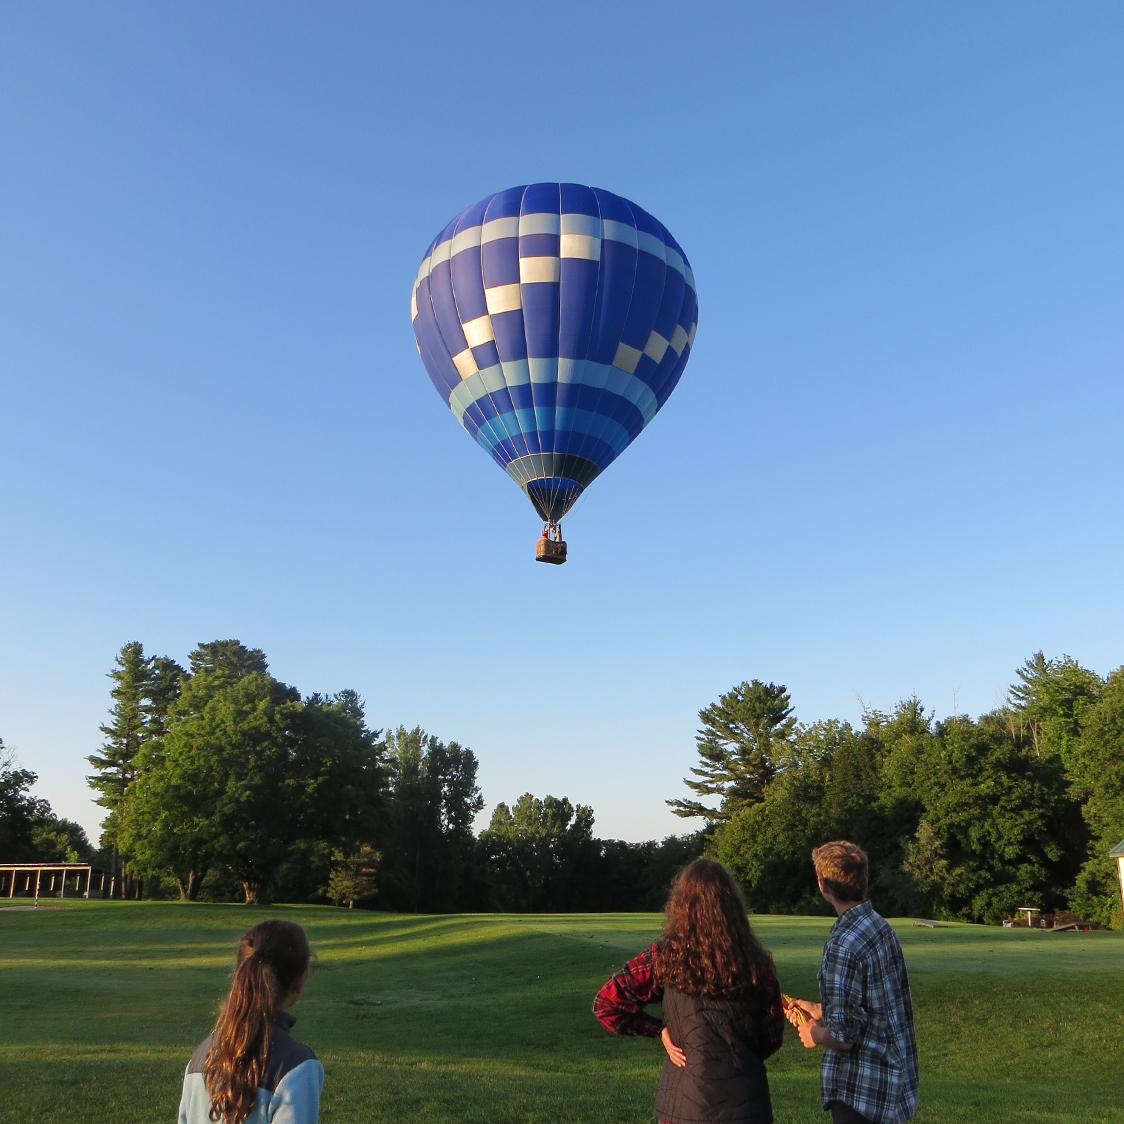 hot_air_balloon_onlookers.jpg